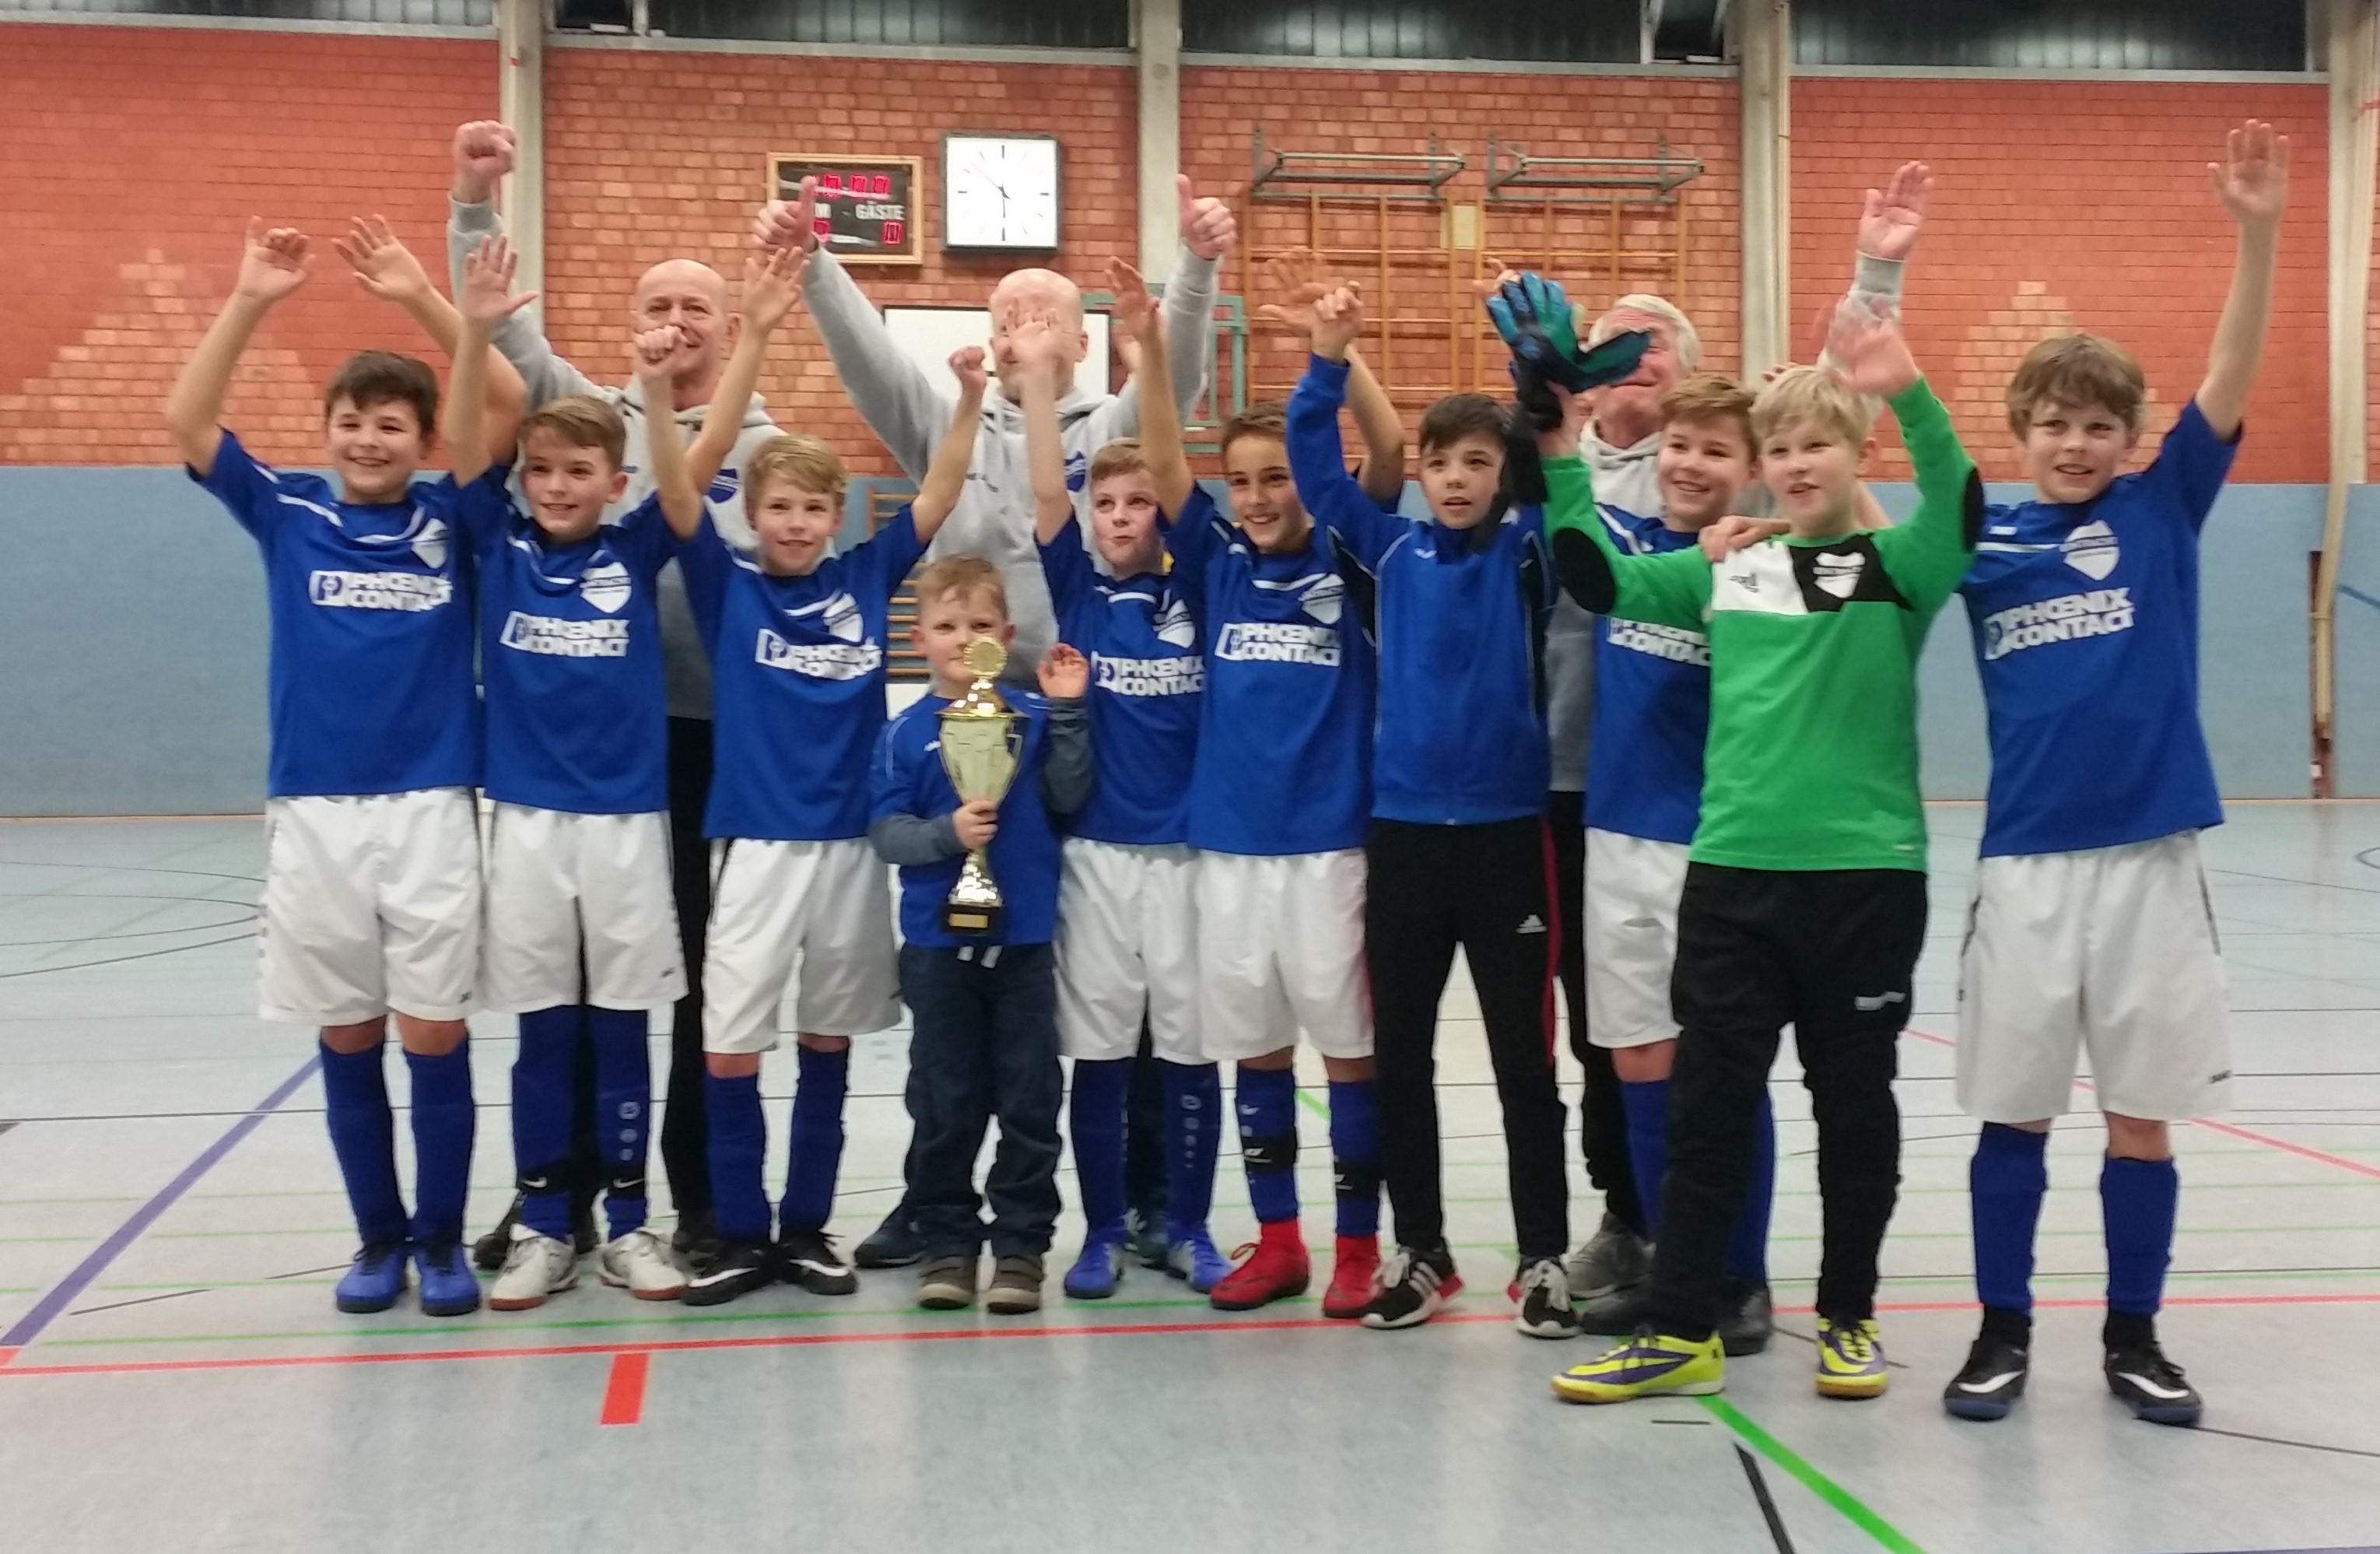 Jerxen-Orbke gewinnt D1-Turnier